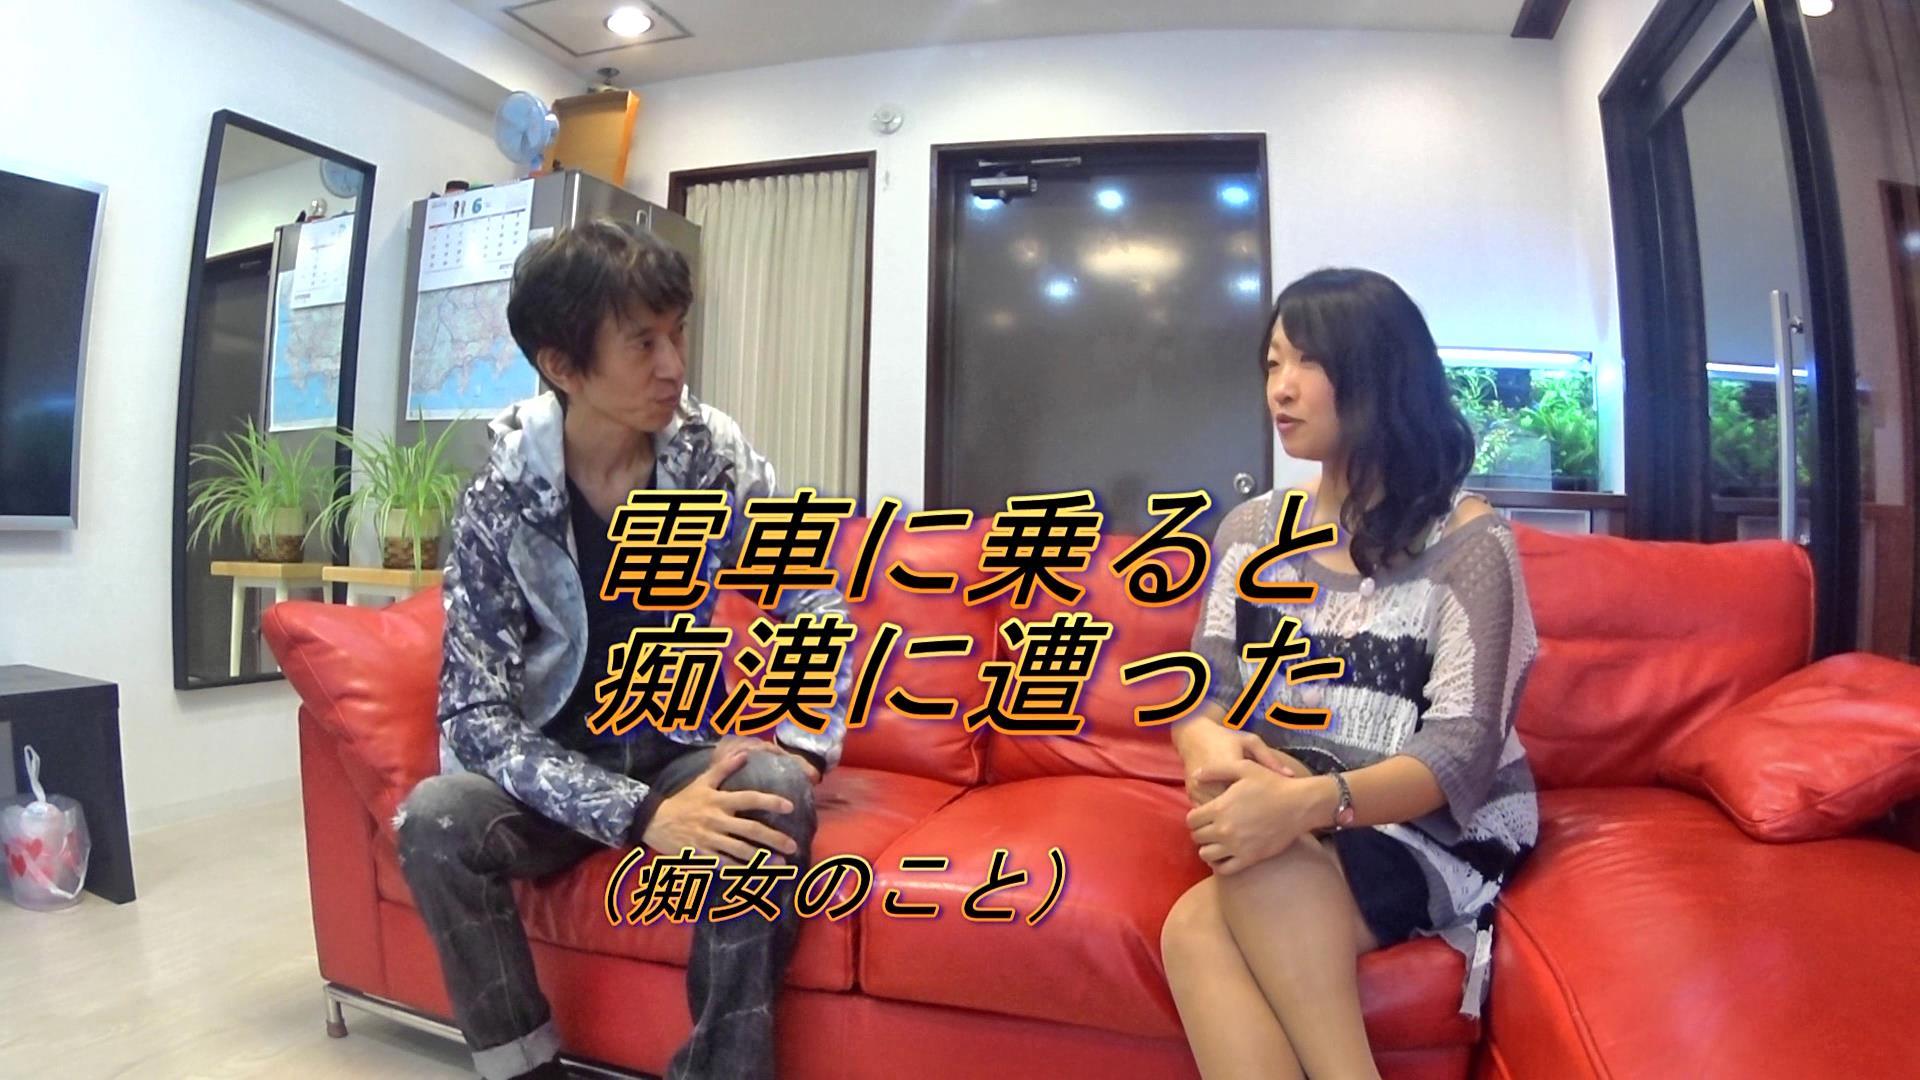 里中李生 ロングインタビューDVD